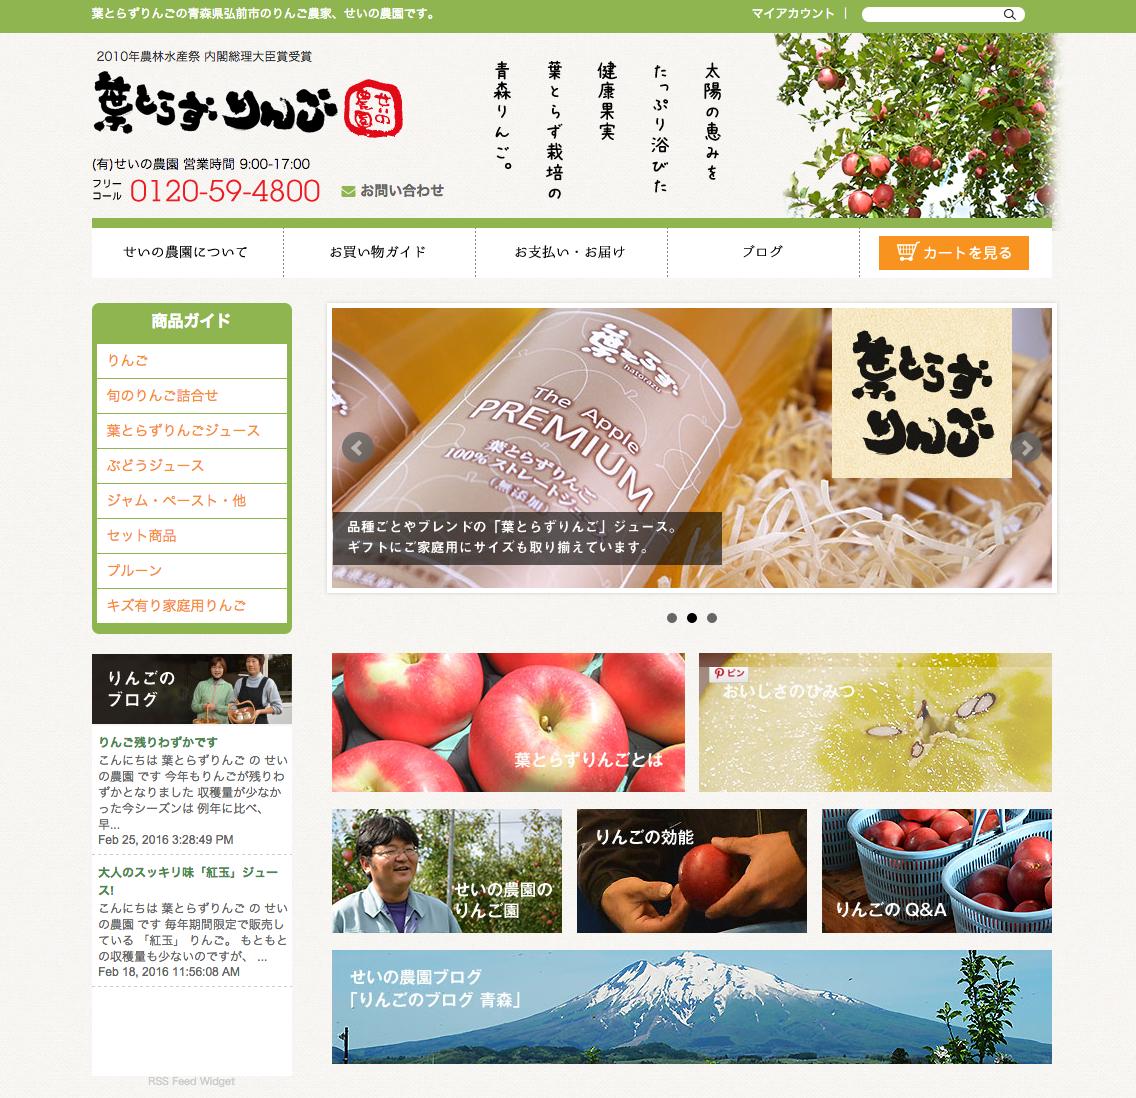 青森で葉とらずりんごの専門栽培、販売されているせいの農園の通販サイトです。